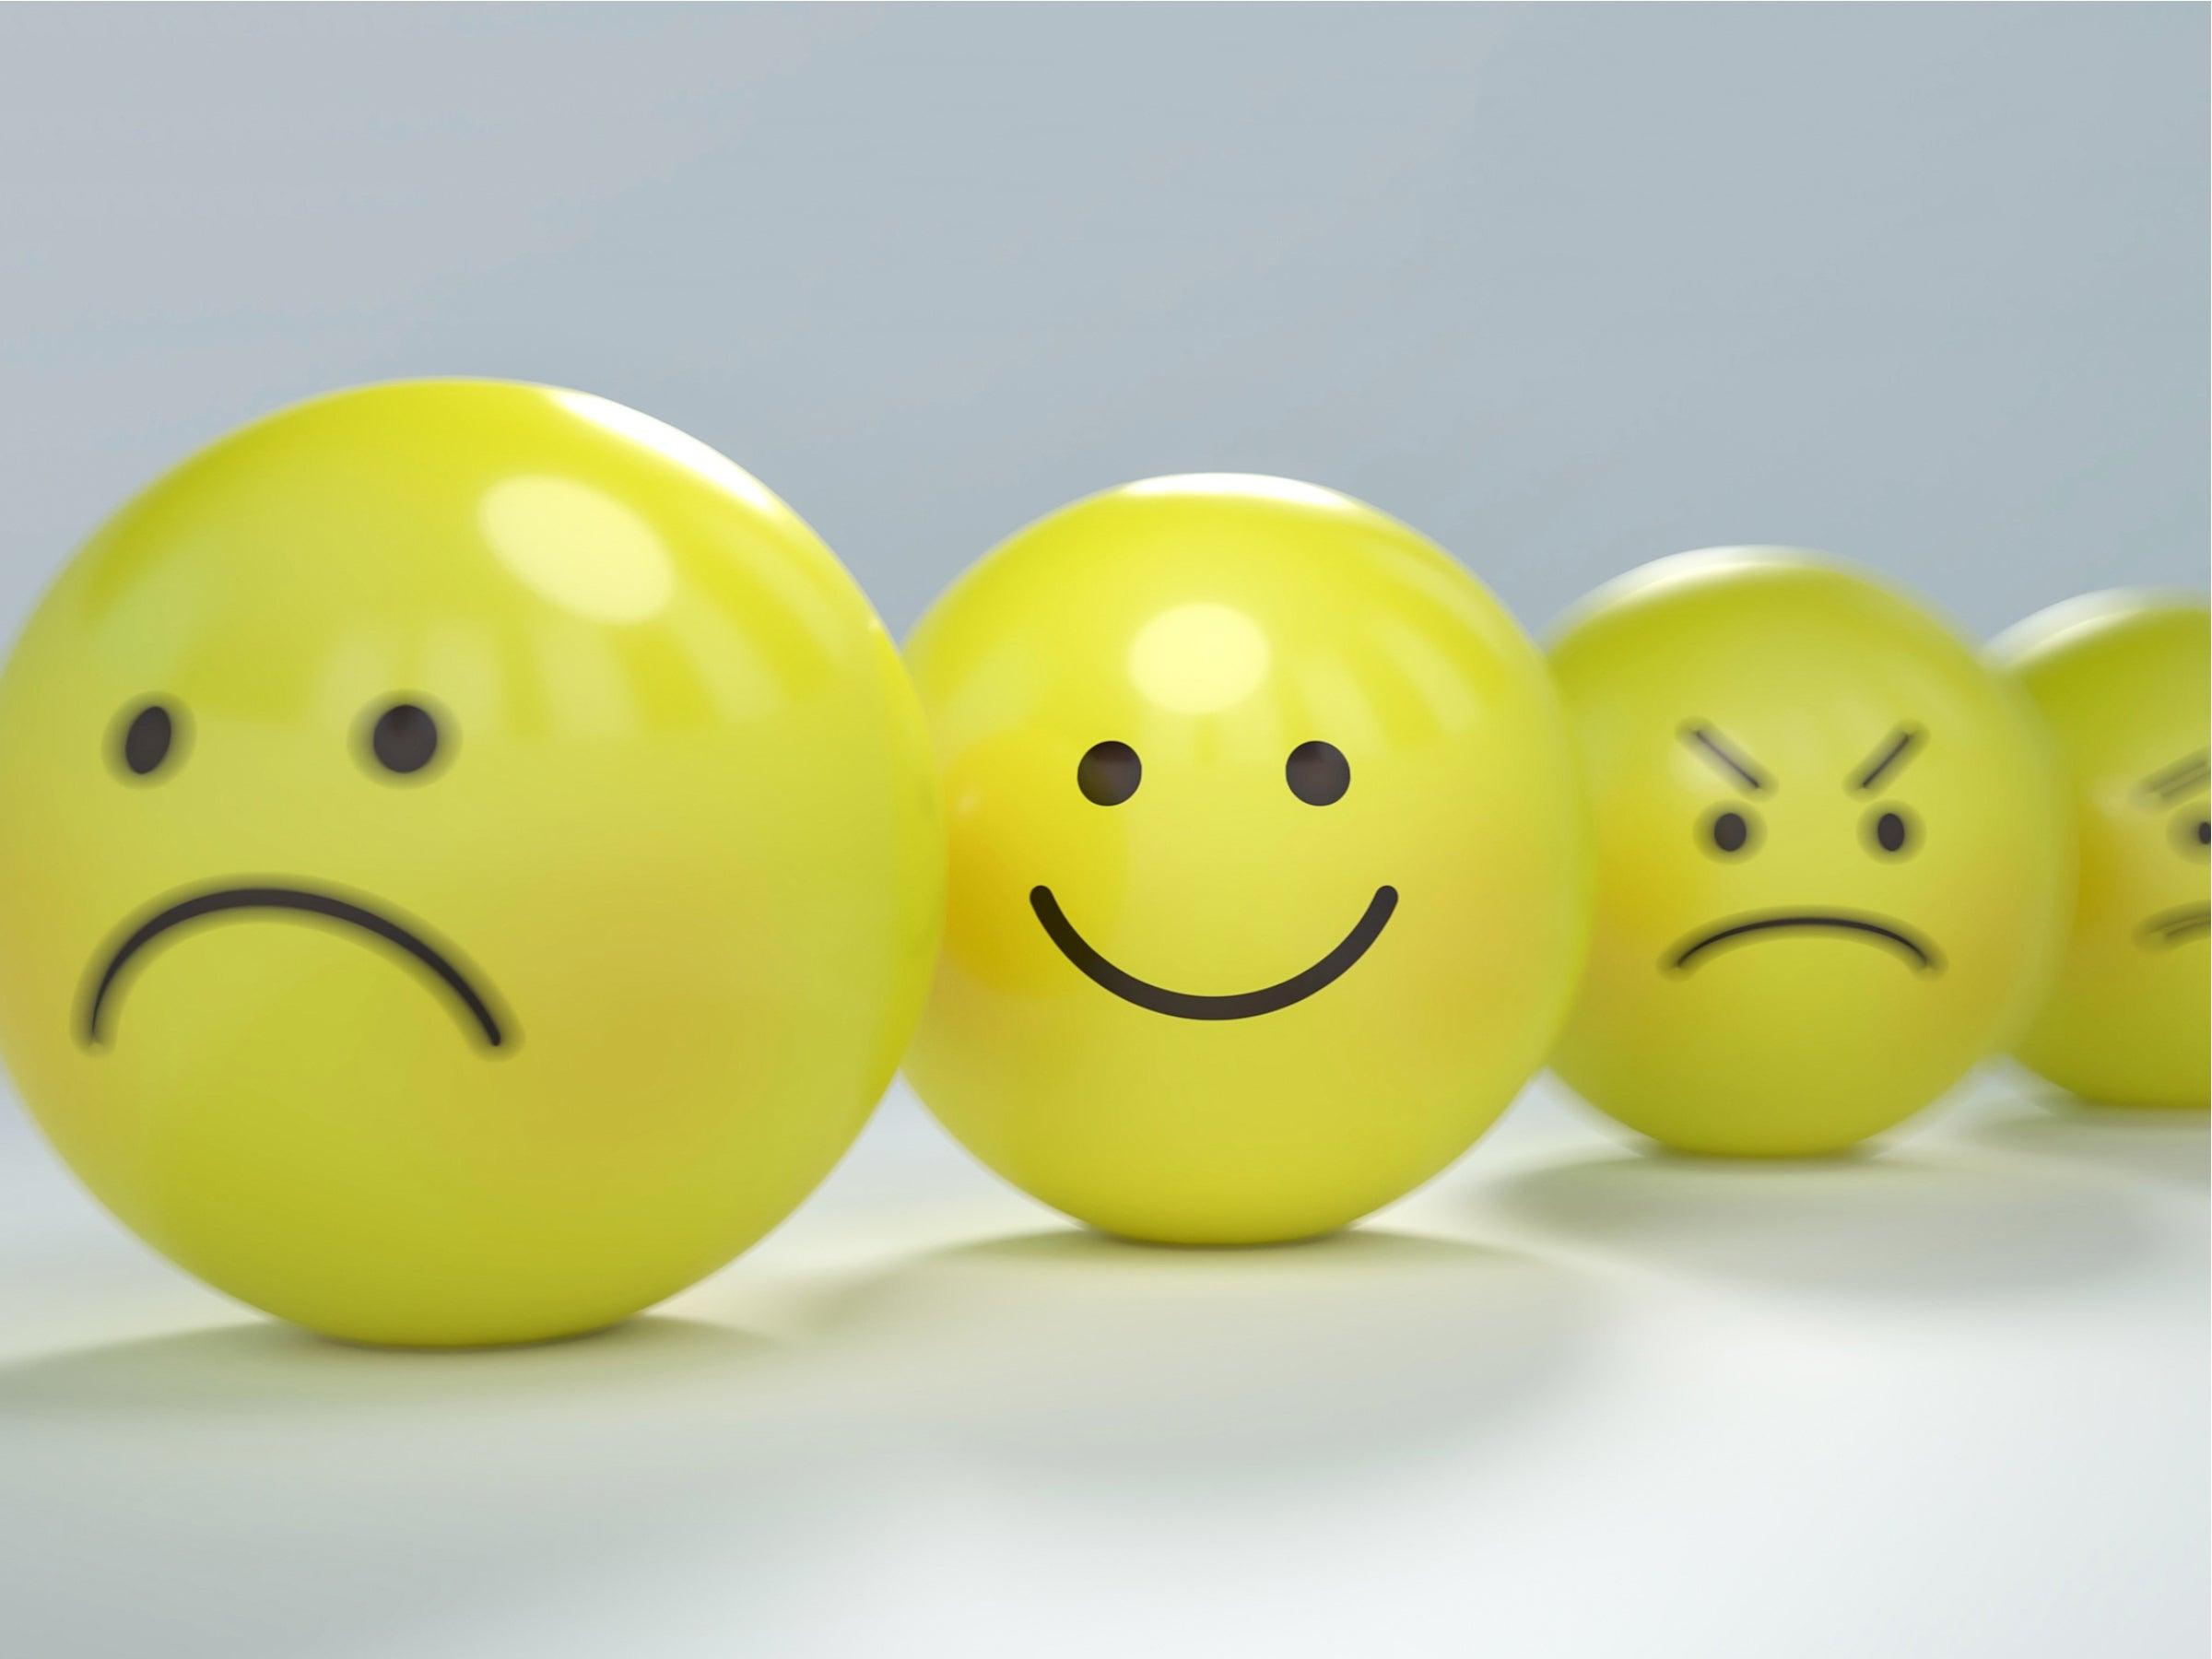 Zum Welt Emoji Tag Emojis Und Smileys Zum Kopieren Und Einfugen